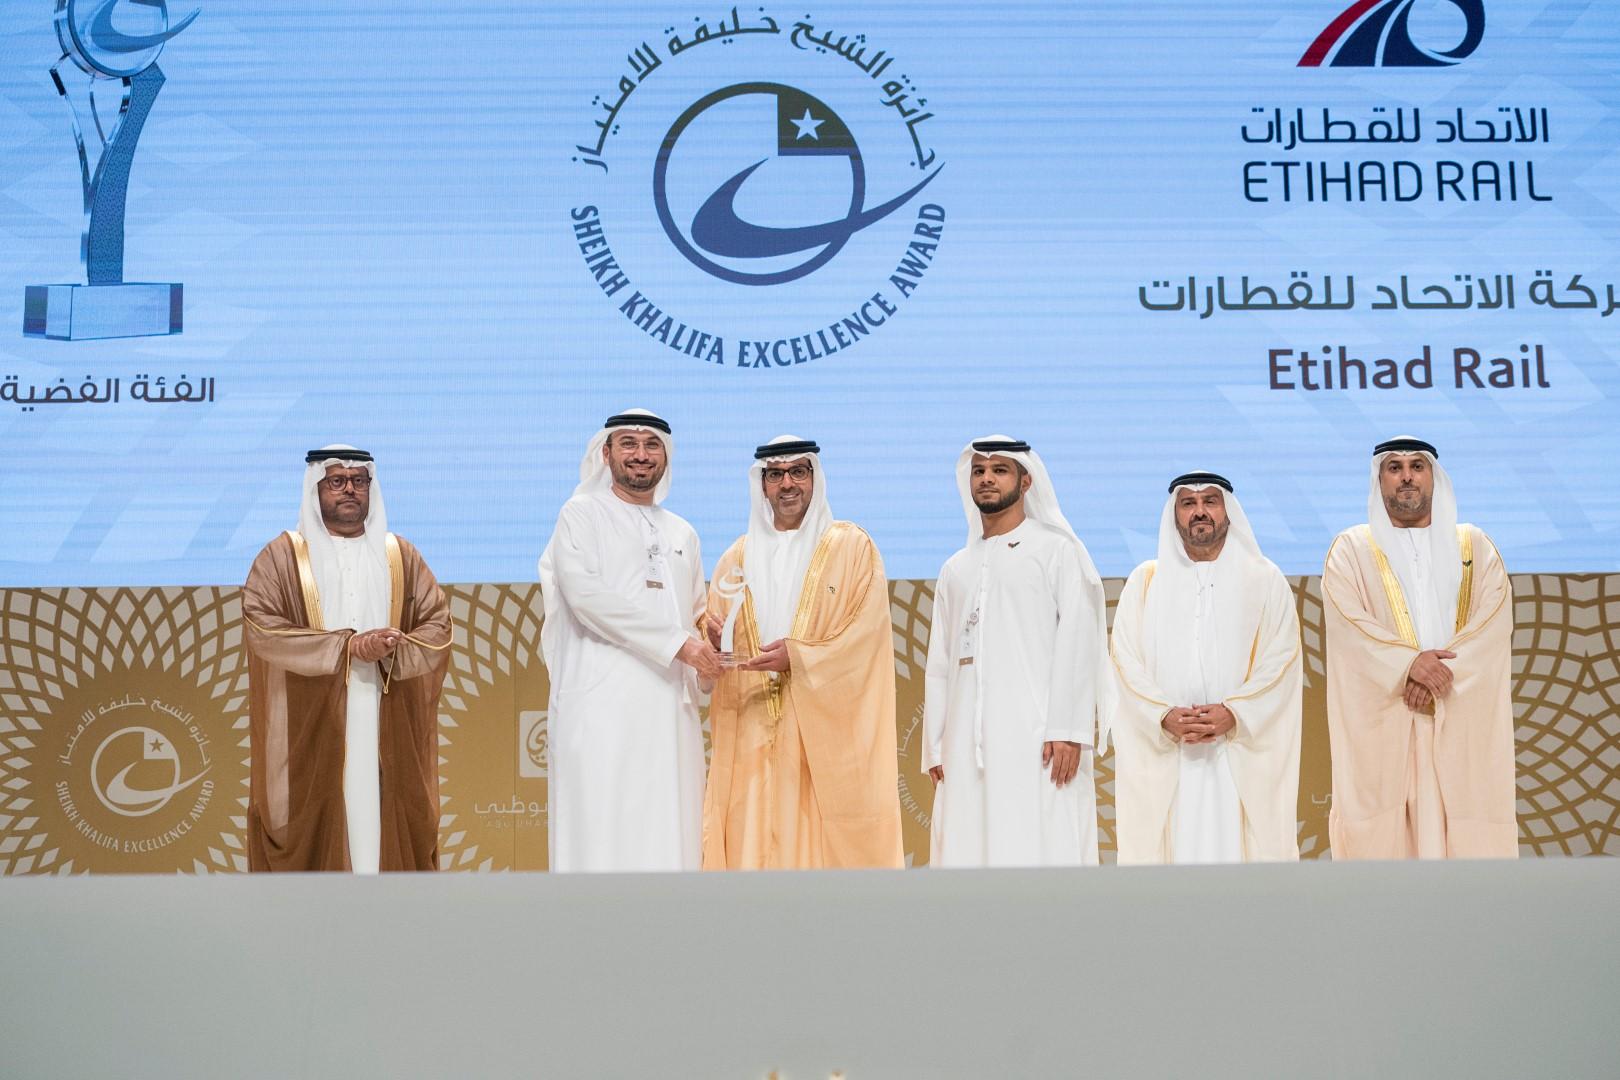 حامد بن زايد يكرم الفائزين بجائزة الشيخ خليفة للامتياز بدورتها الـ